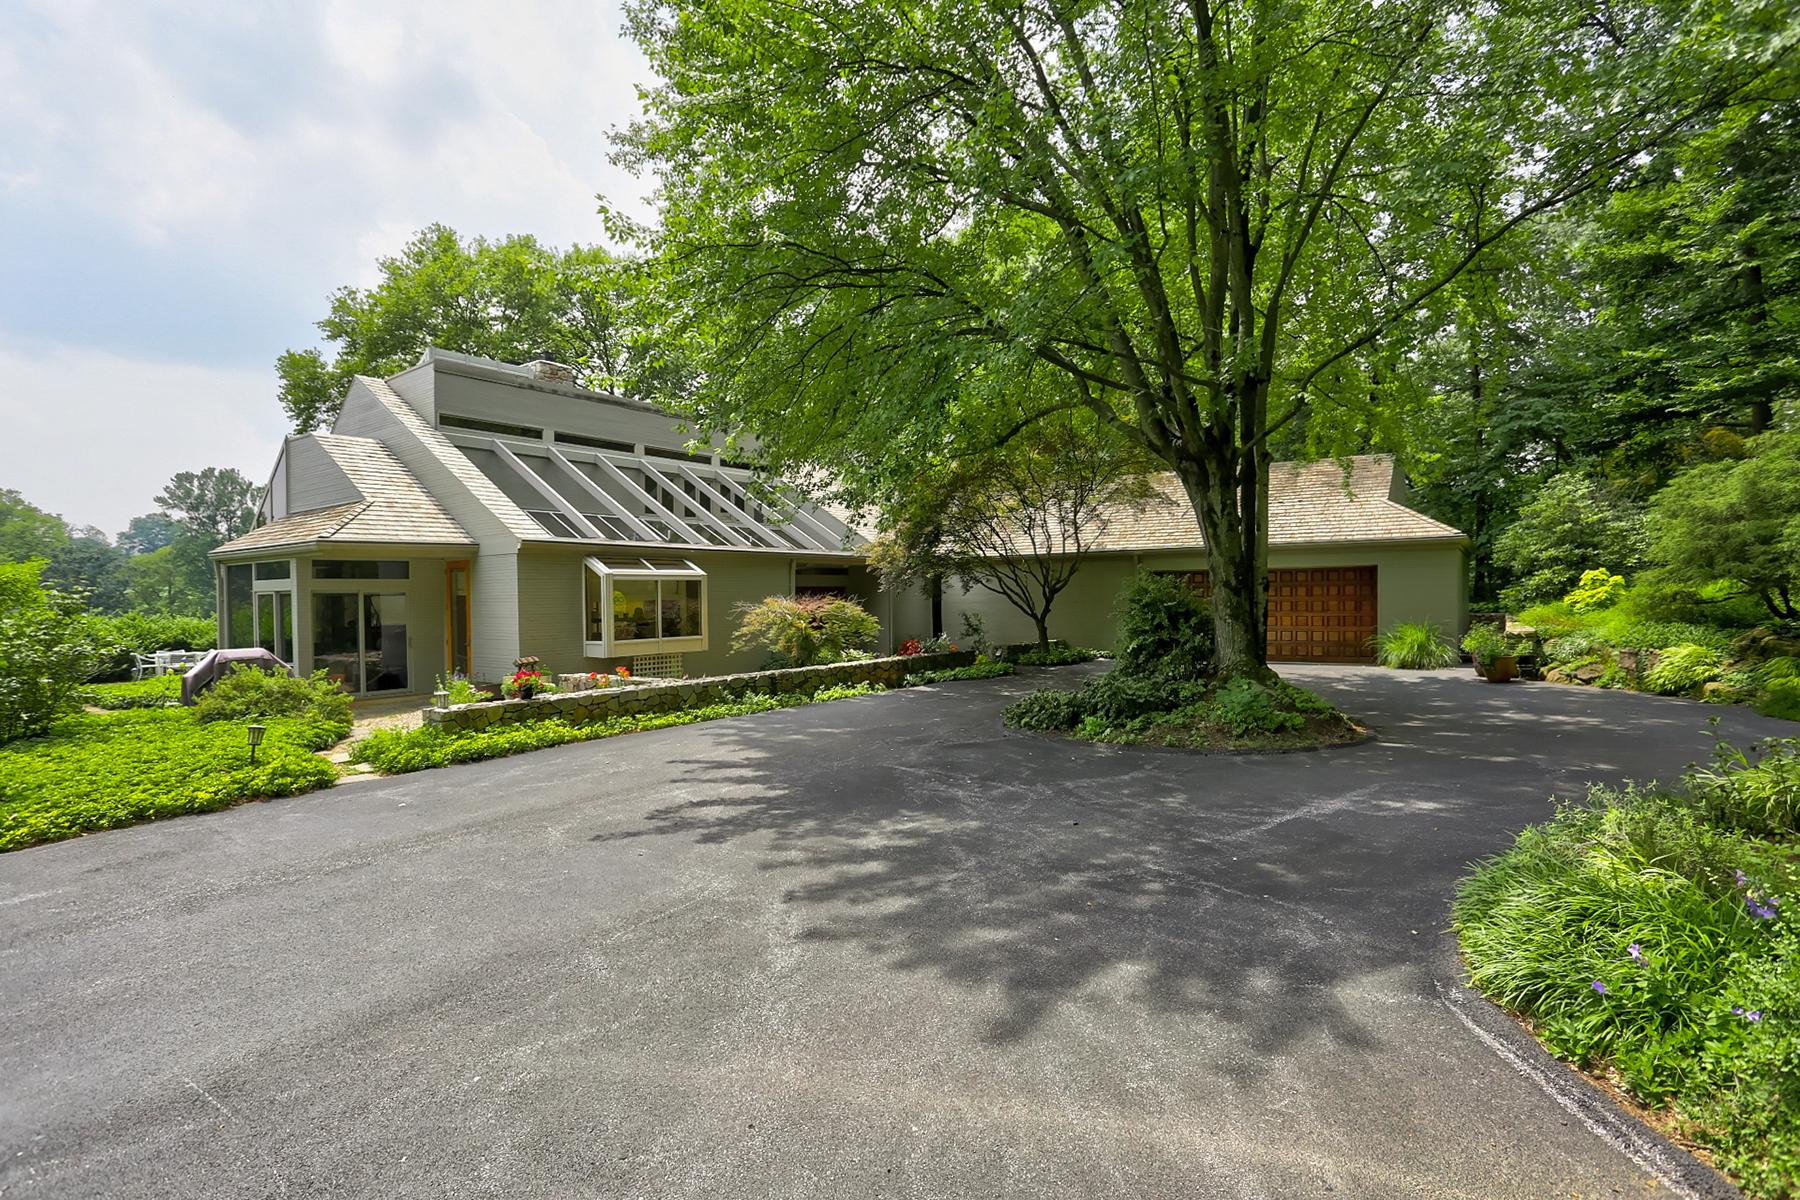 独户住宅 为 销售 在 193 Eshelman Road 兰开斯特, 宾夕法尼亚州 17601 美国